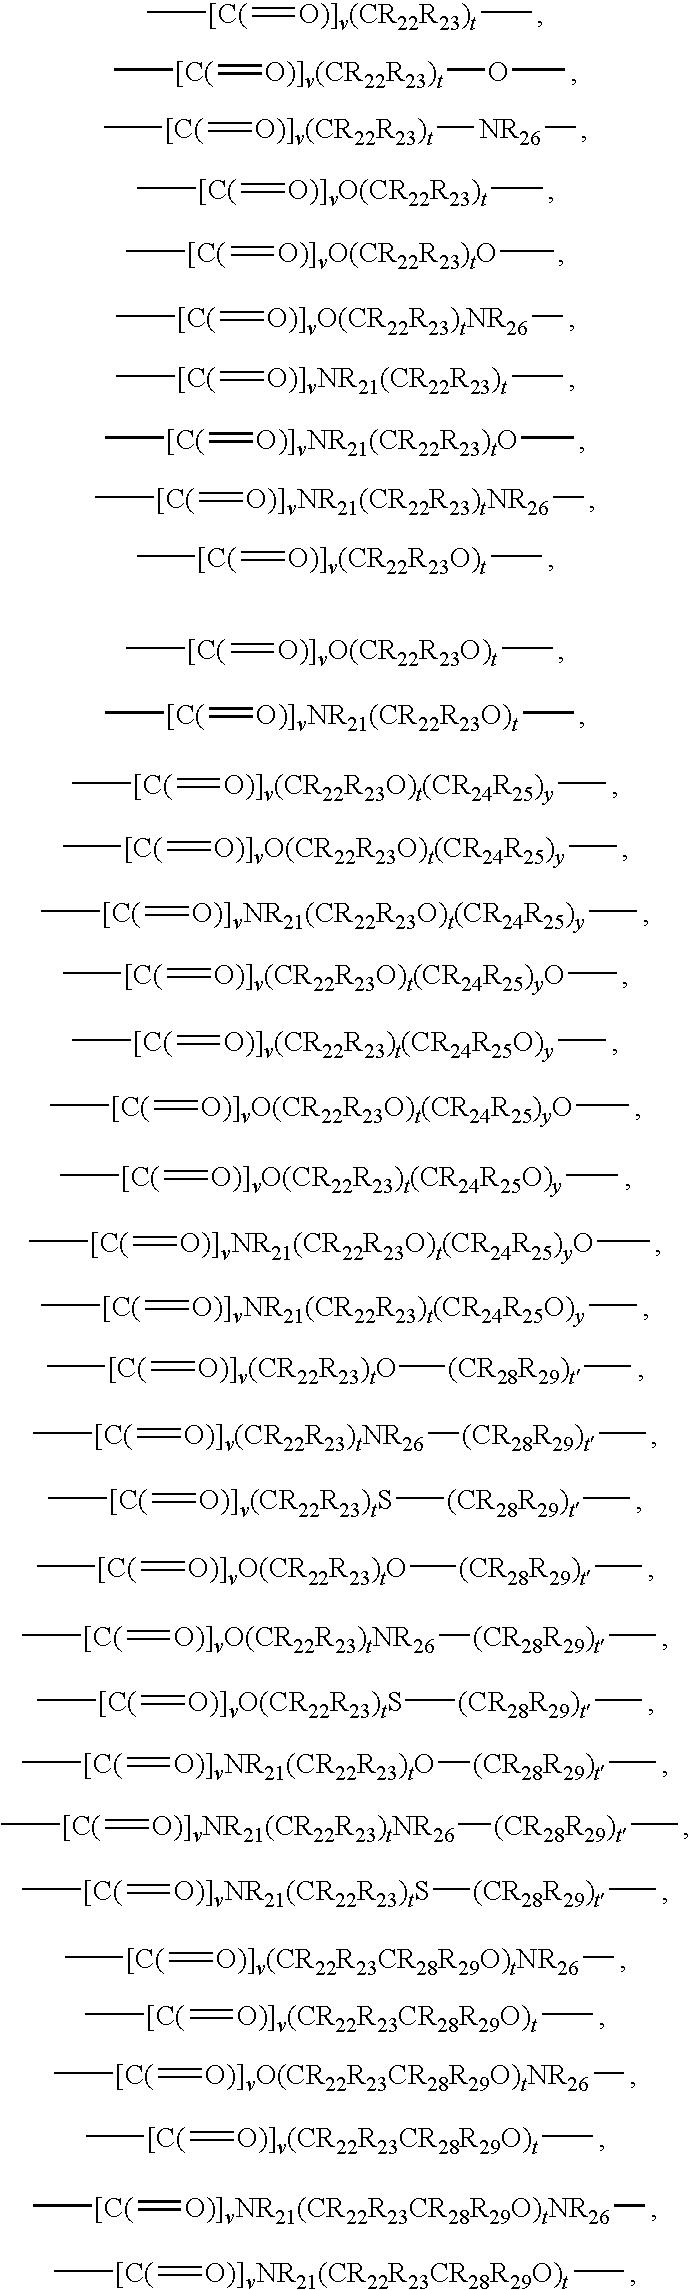 Figure US20100056555A1-20100304-C00022